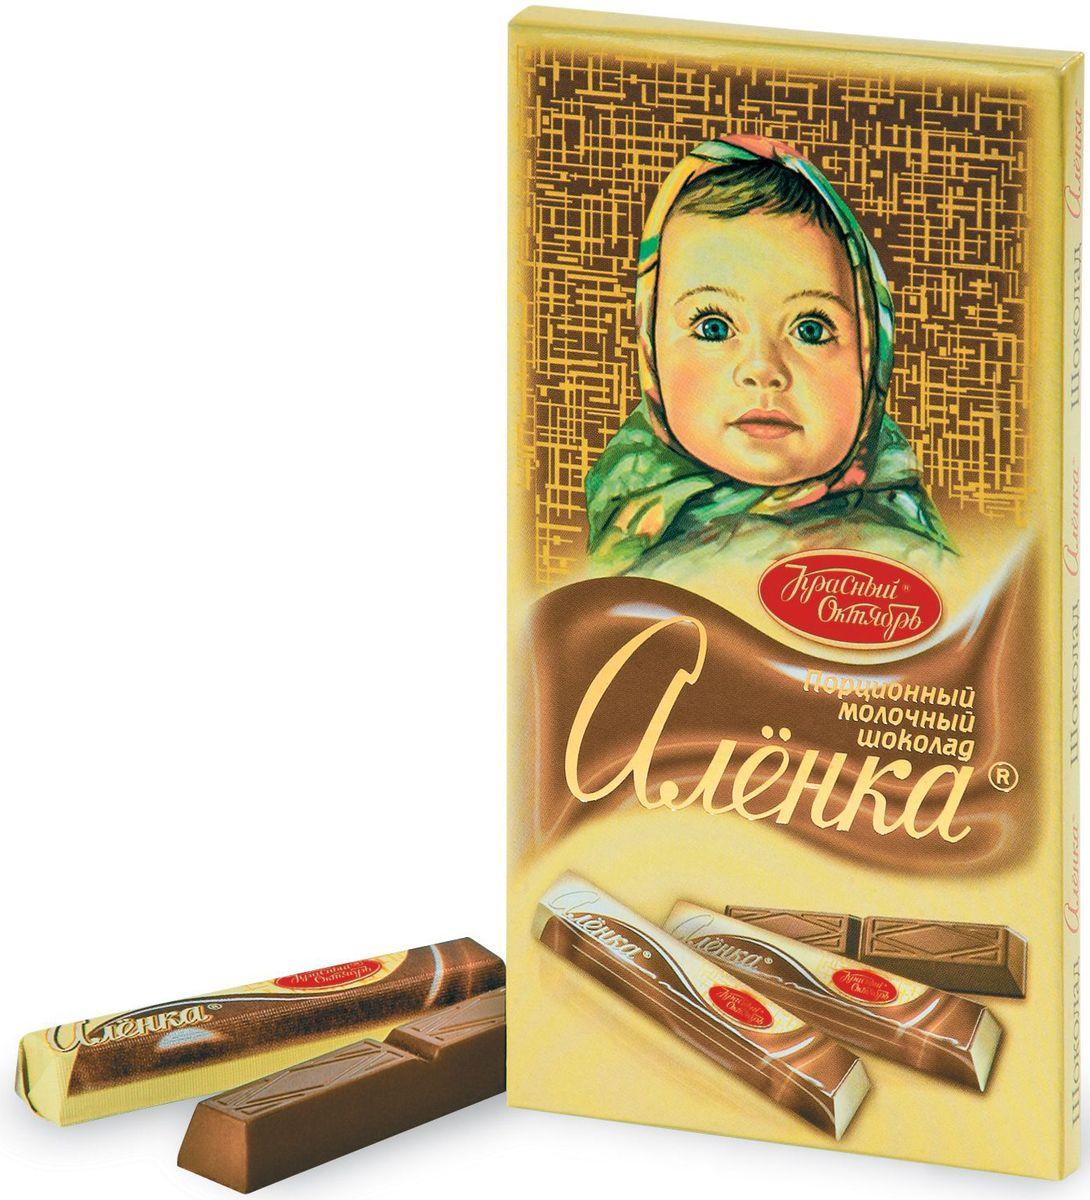 Красный Октябрь Аленка в стиках молочный шоколад, 100 г0120710Знаменитый шоколад Алёнка выпускается кондитерской фабрикой Красный Октябрь.